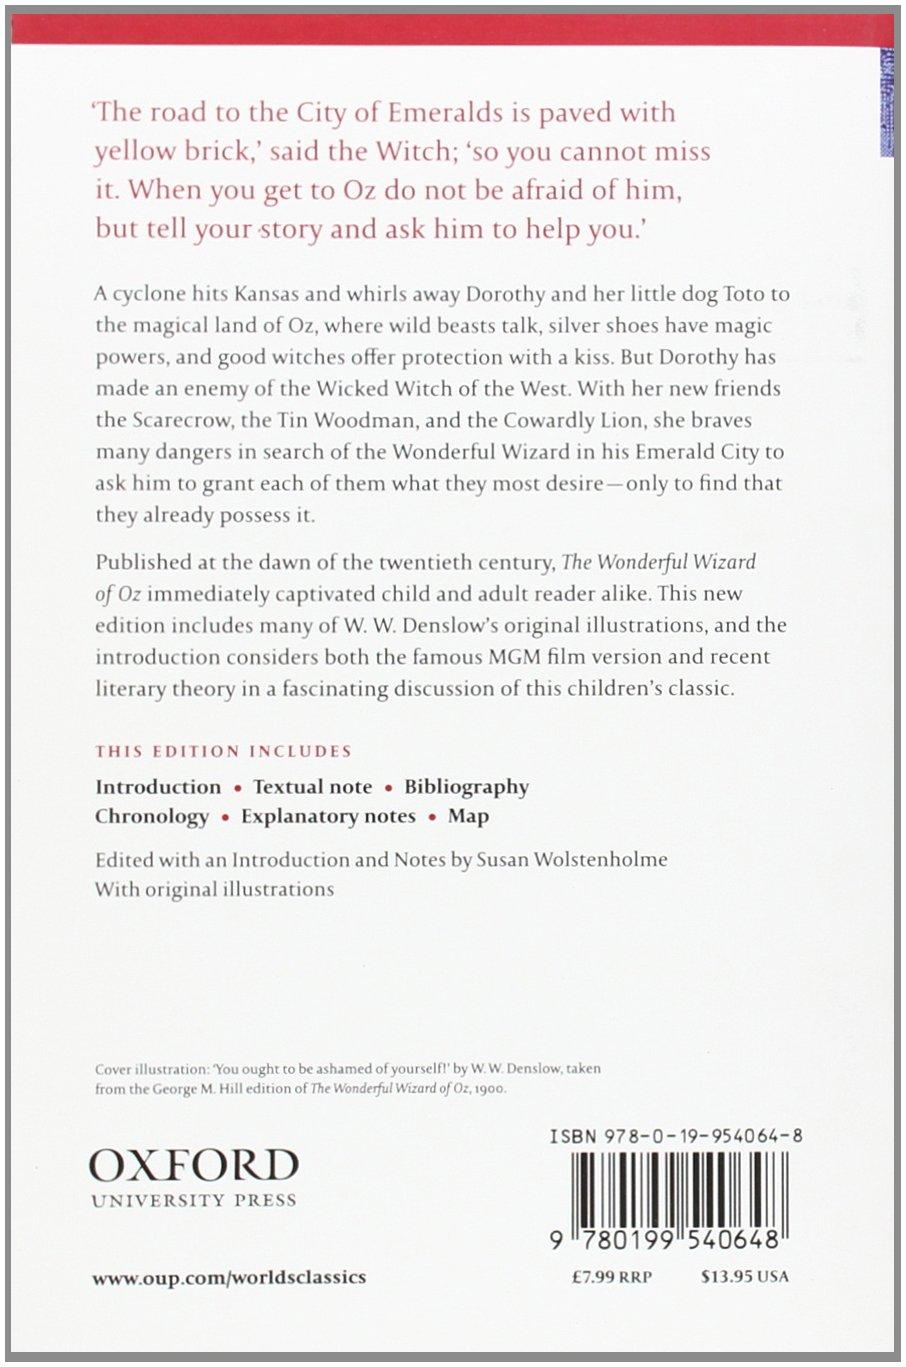 the wonderful wizard of oz oxford world s classics l frank the wonderful wizard of oz oxford world s classics l frank baum susan wolstenholme w w denslow 9780199540648 com books